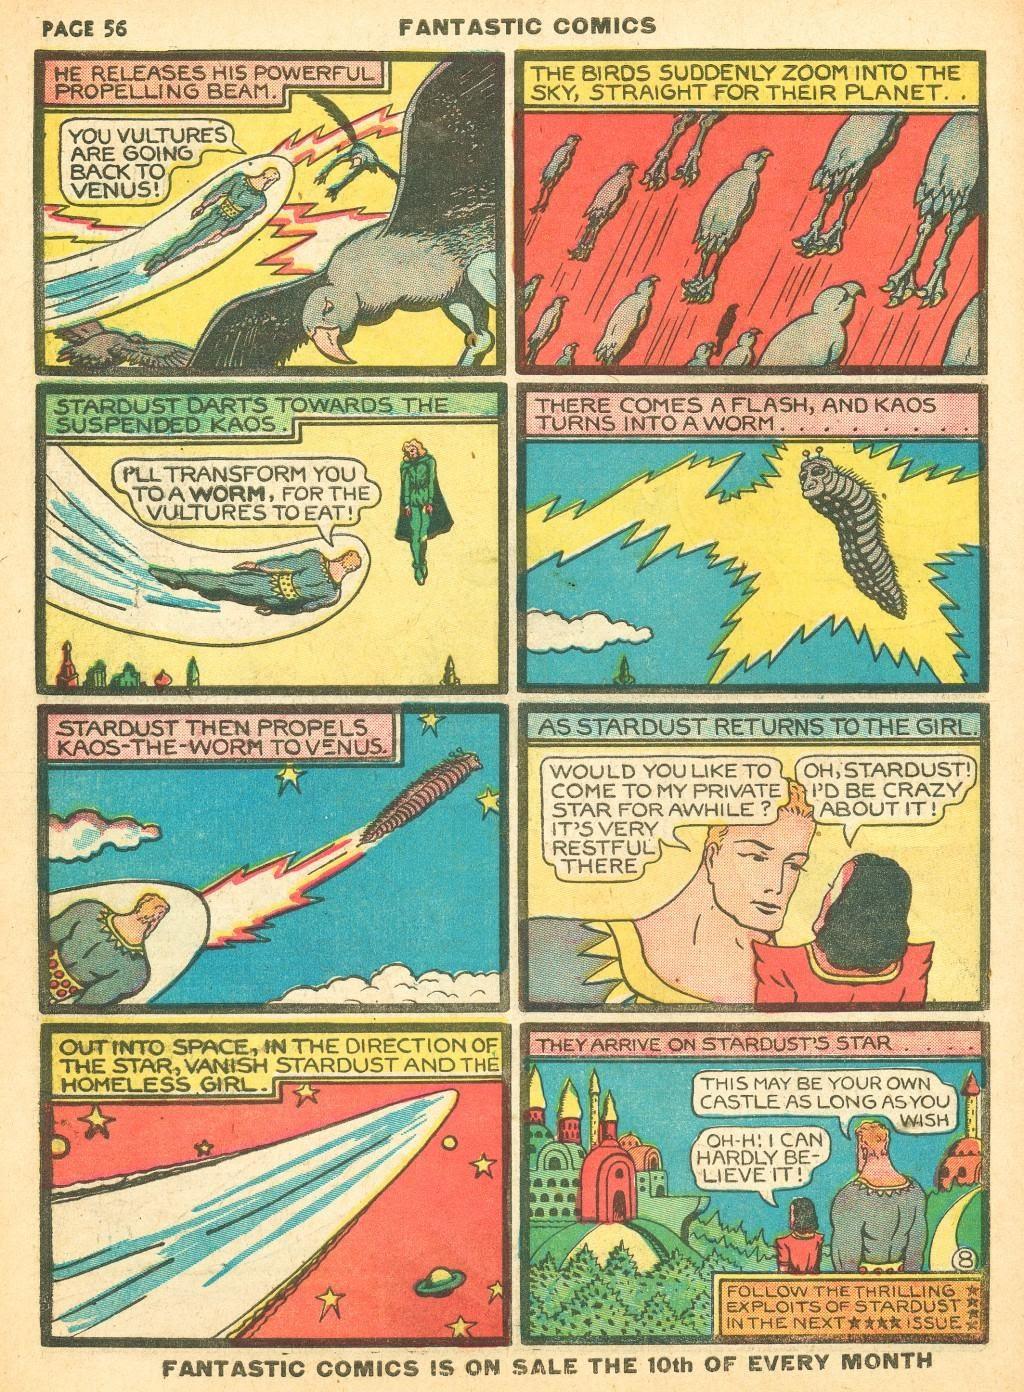 Read online Fantastic Comics comic -  Issue #12 - 58